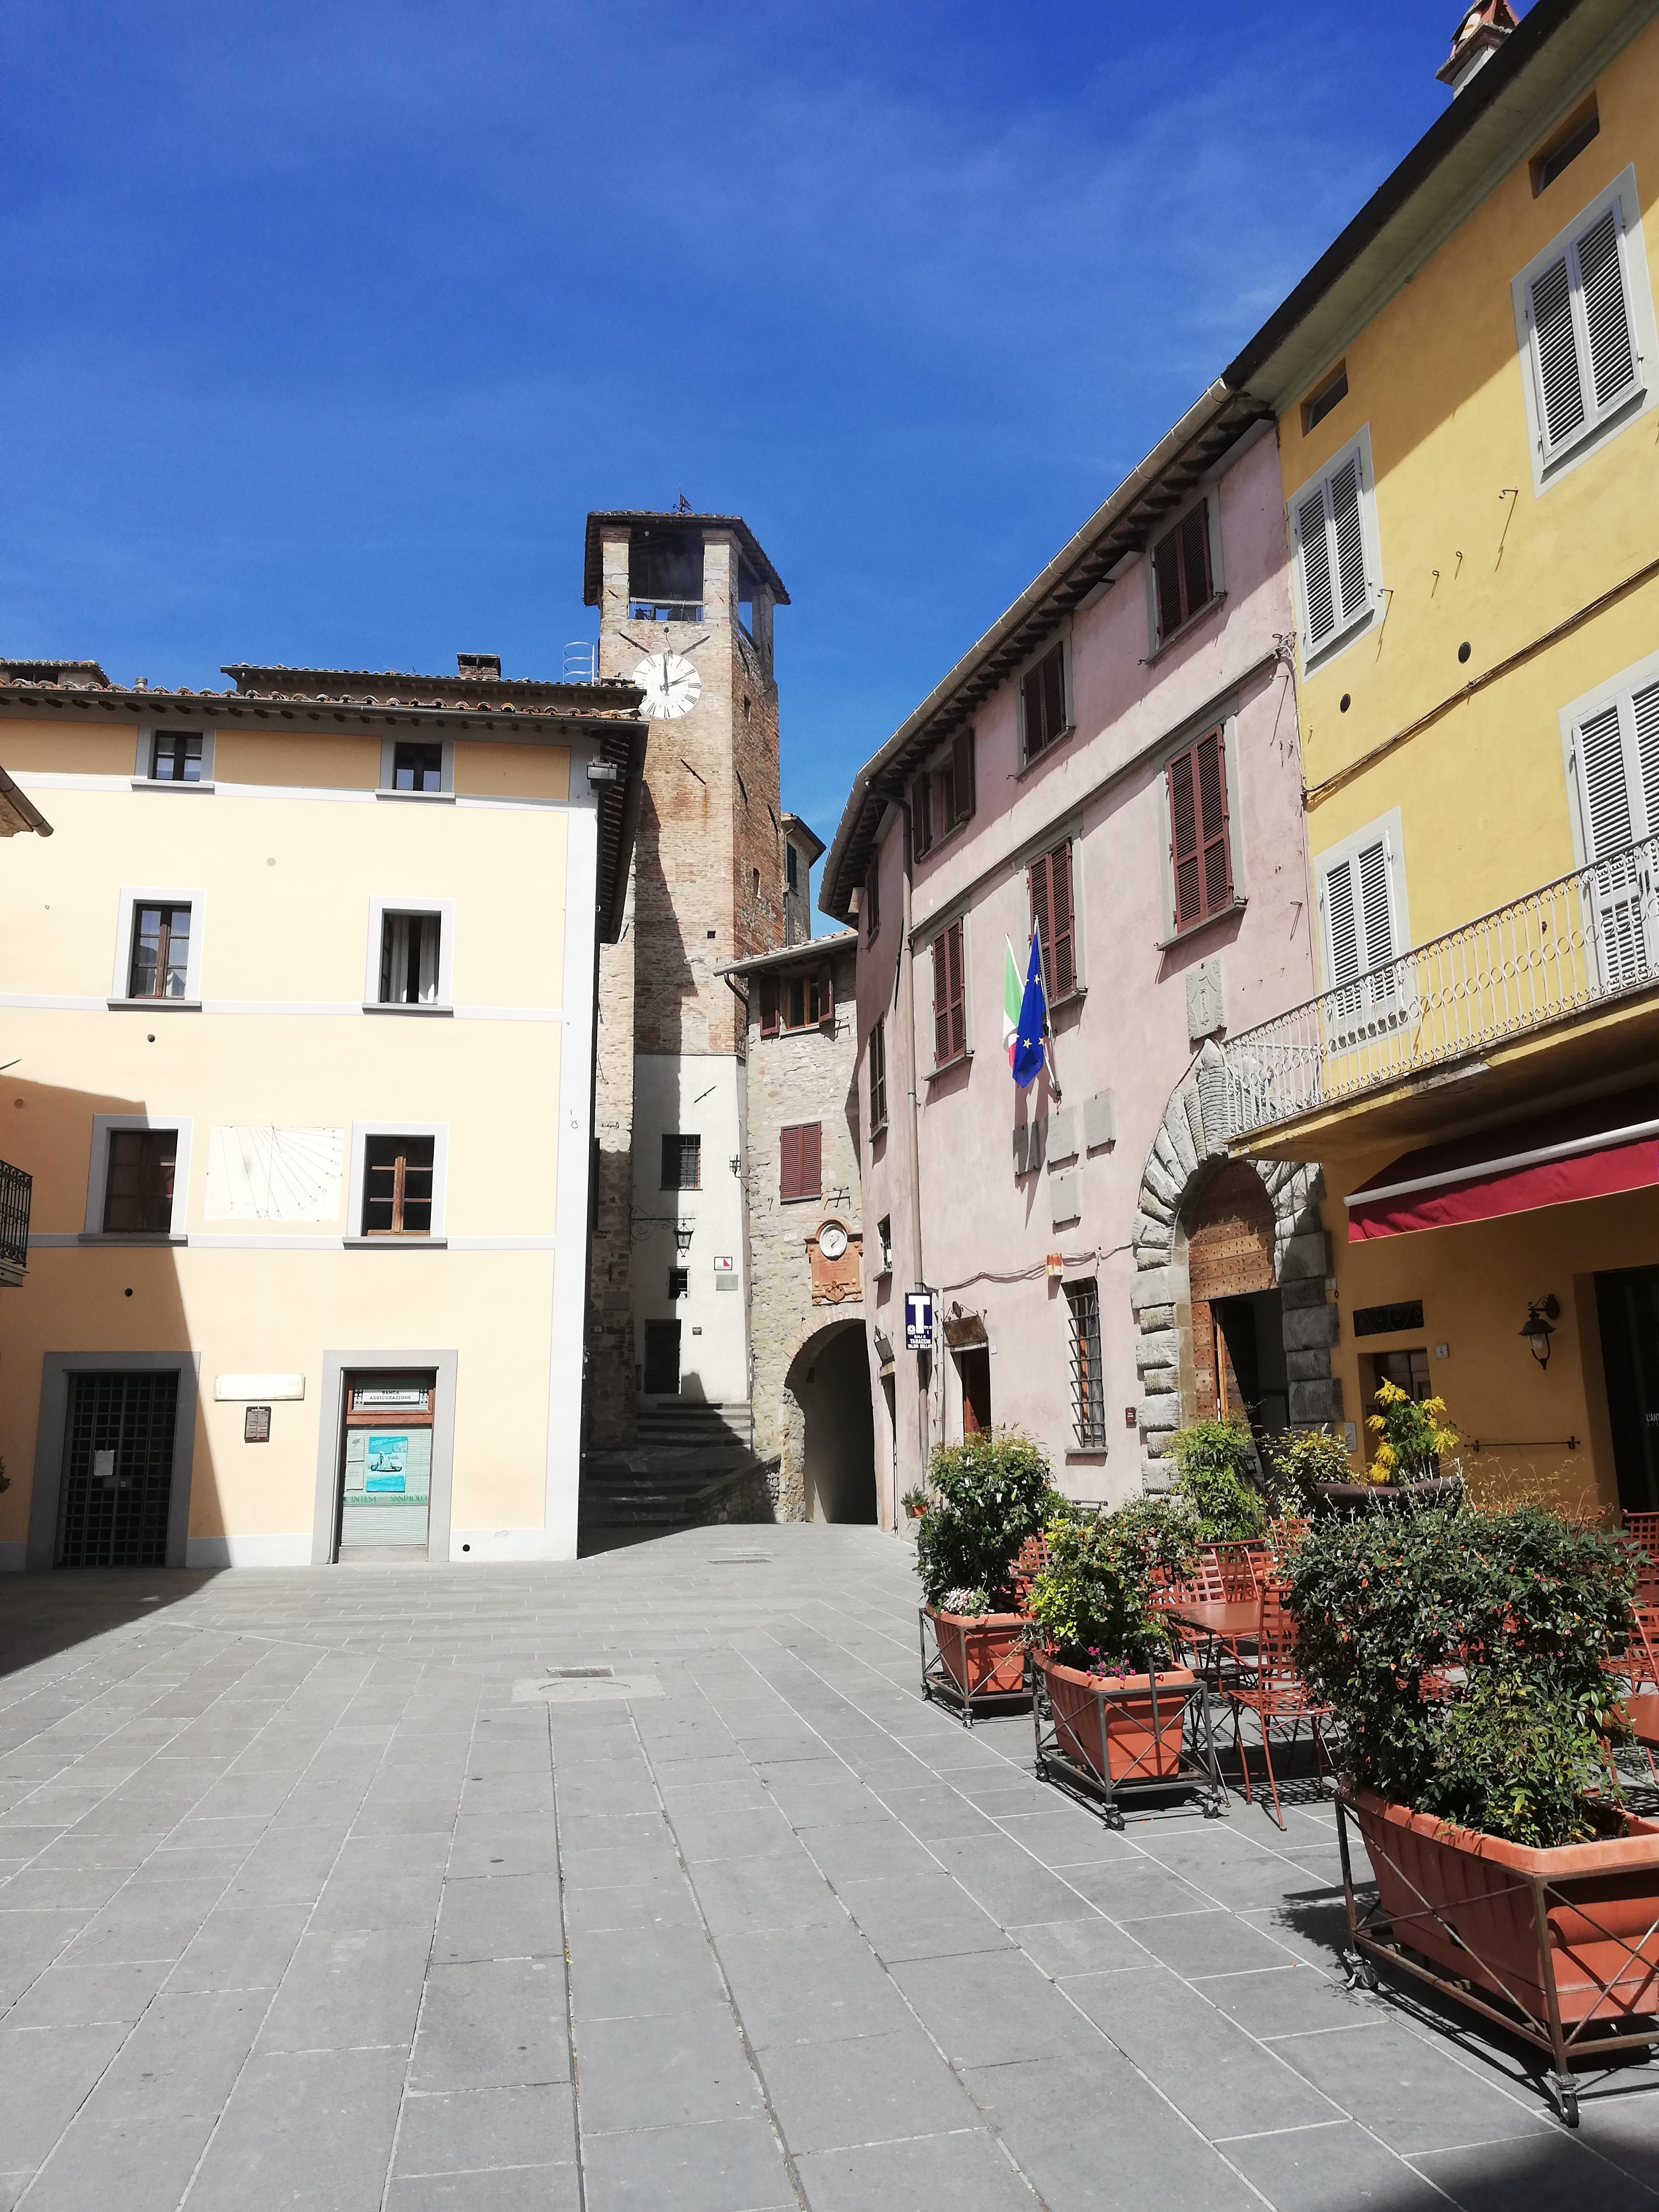 Piazza Fortebraccio Montone